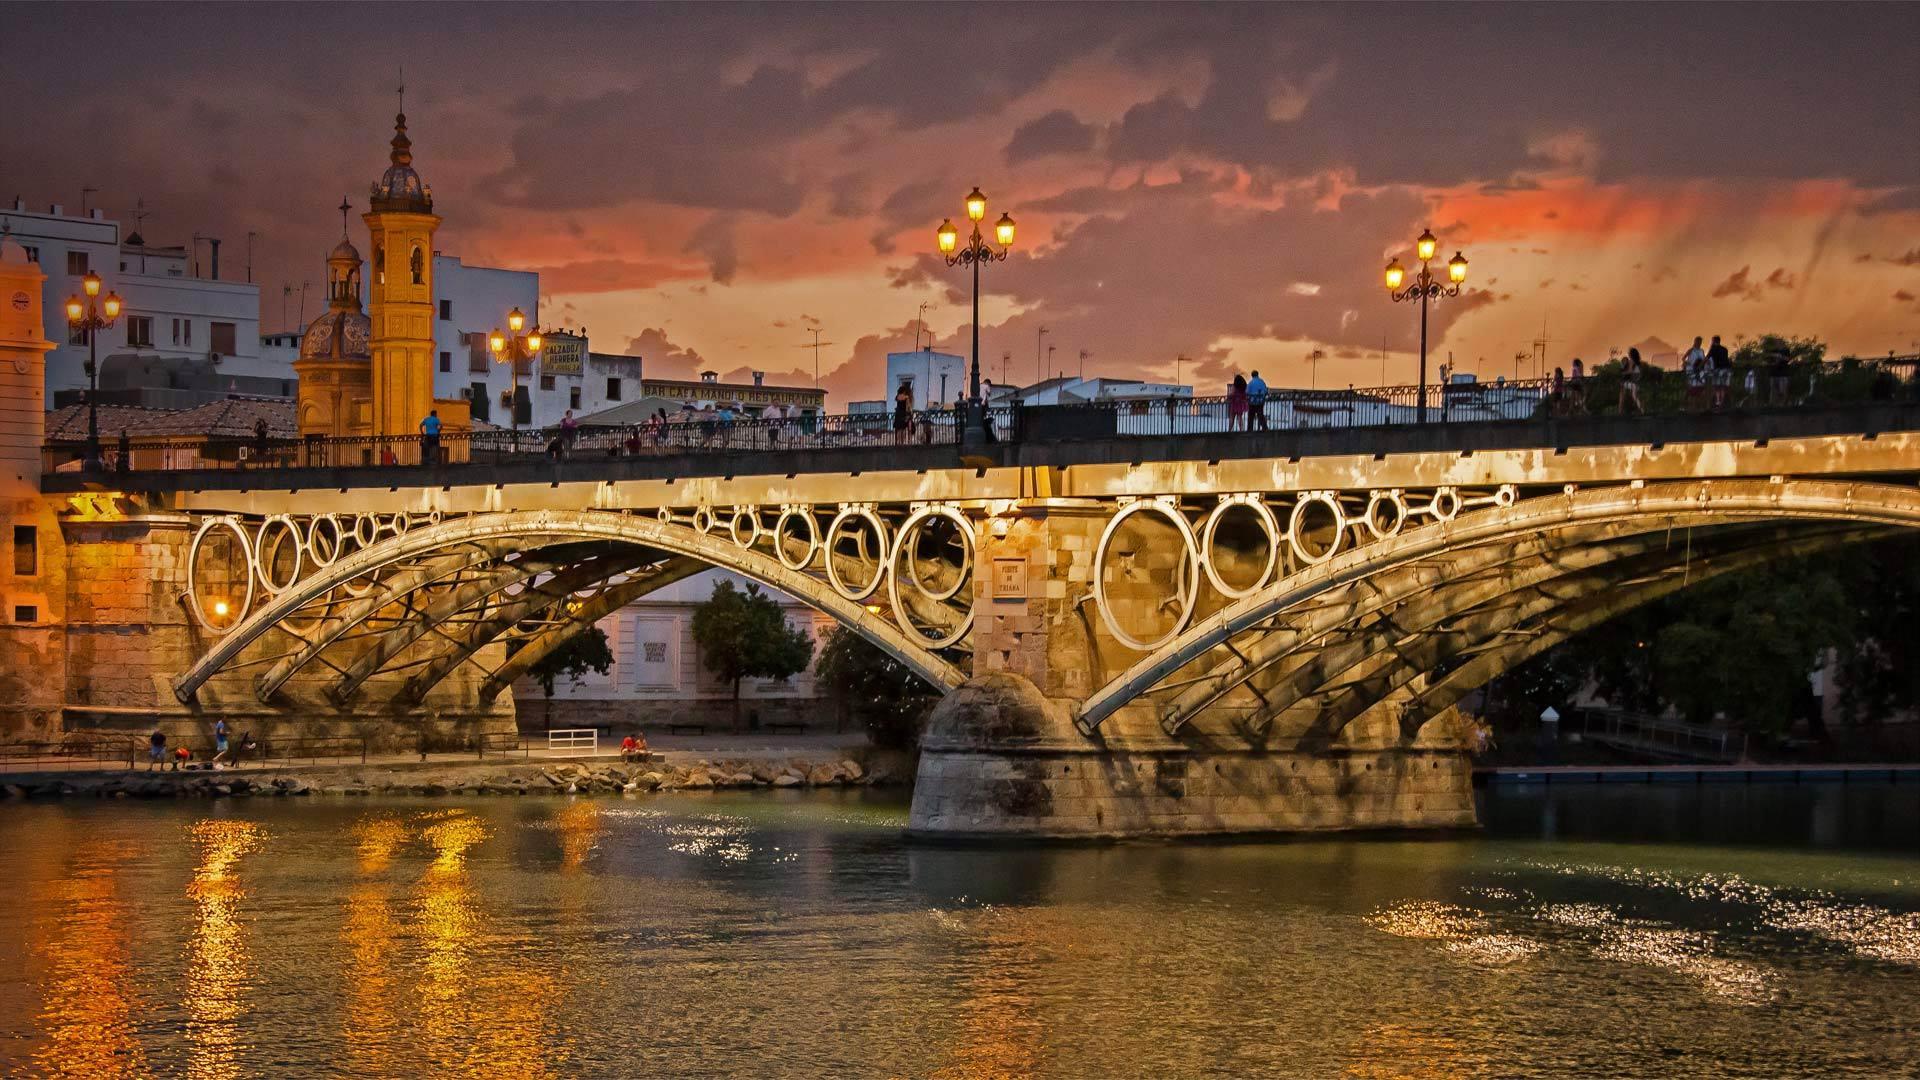 伊莎贝尔二世桥